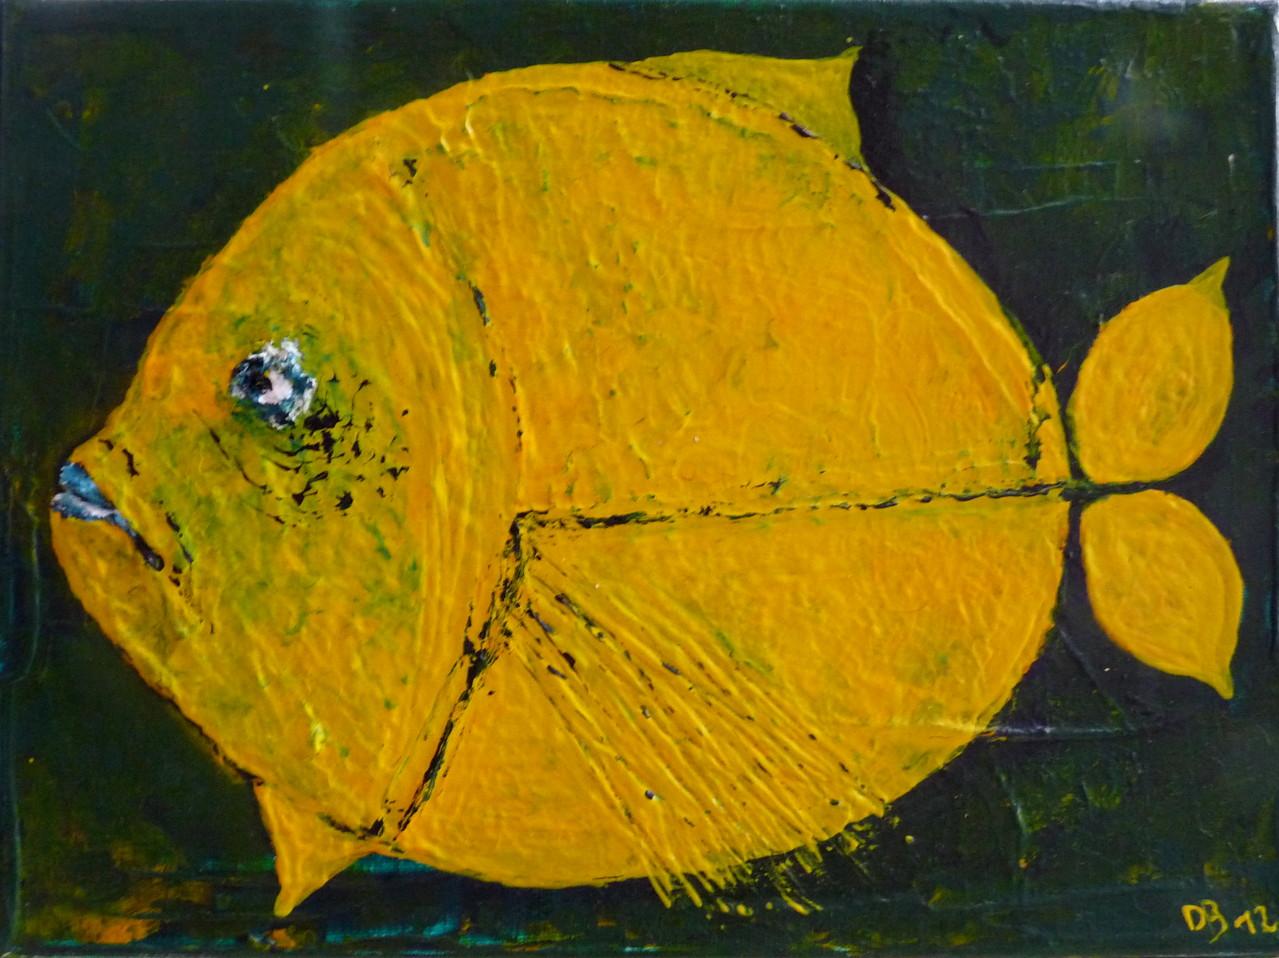 Leinwand 24 x 18 cm Acryl